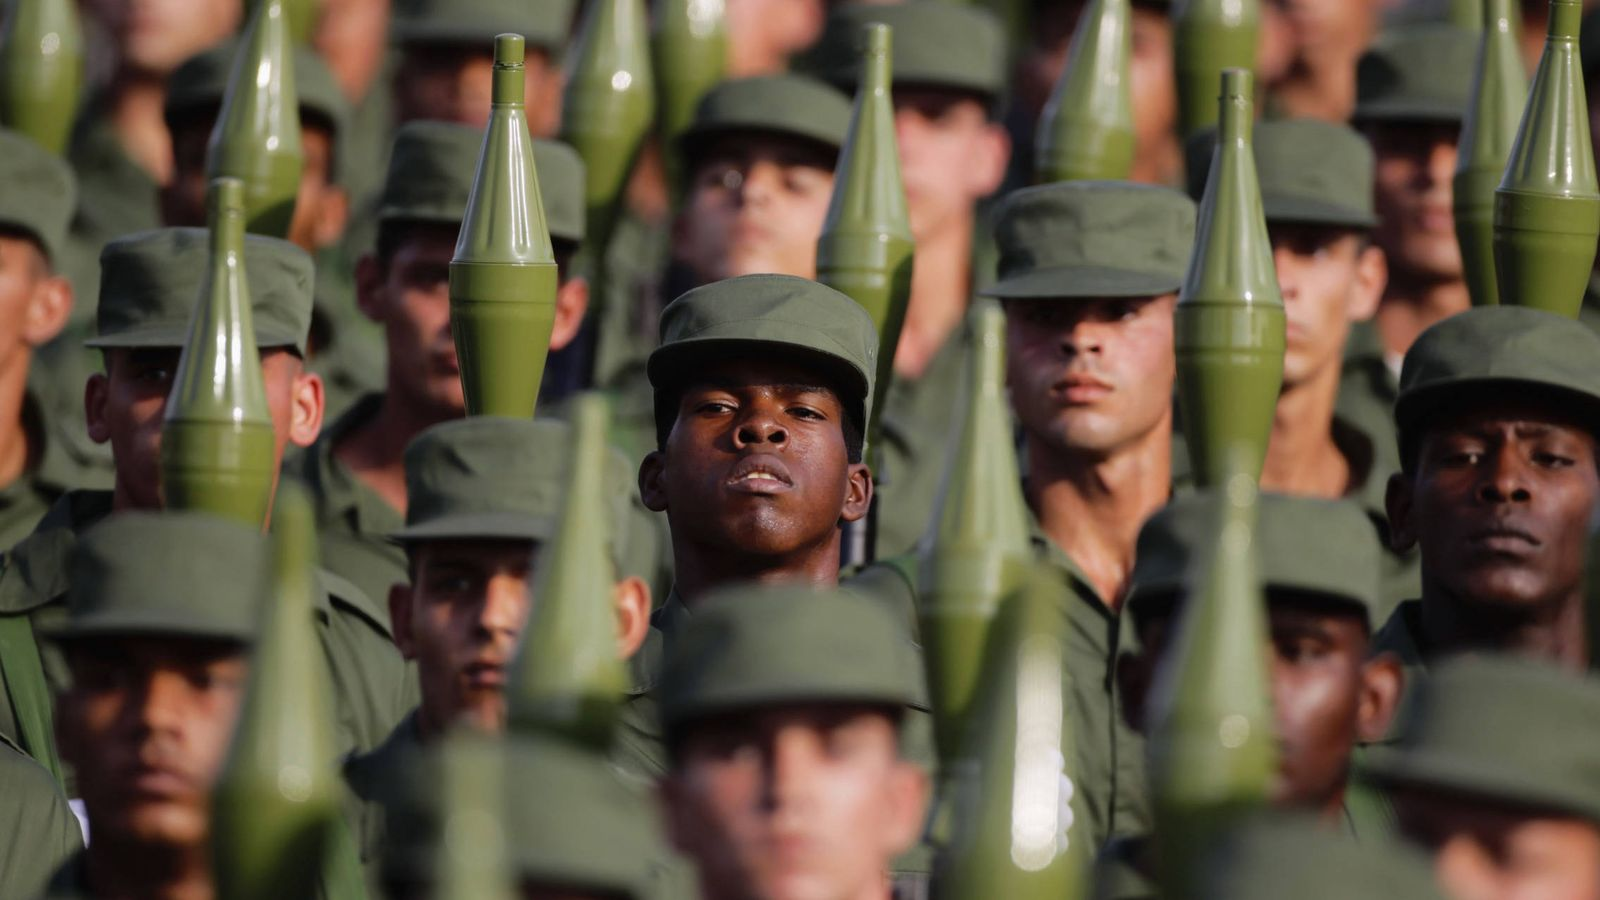 Foto: Soldados cubanos transportan lanzagranadas durante un desfile militar en la Plaza de la Revolución, el 16 de abril de 2011 (Reuters)